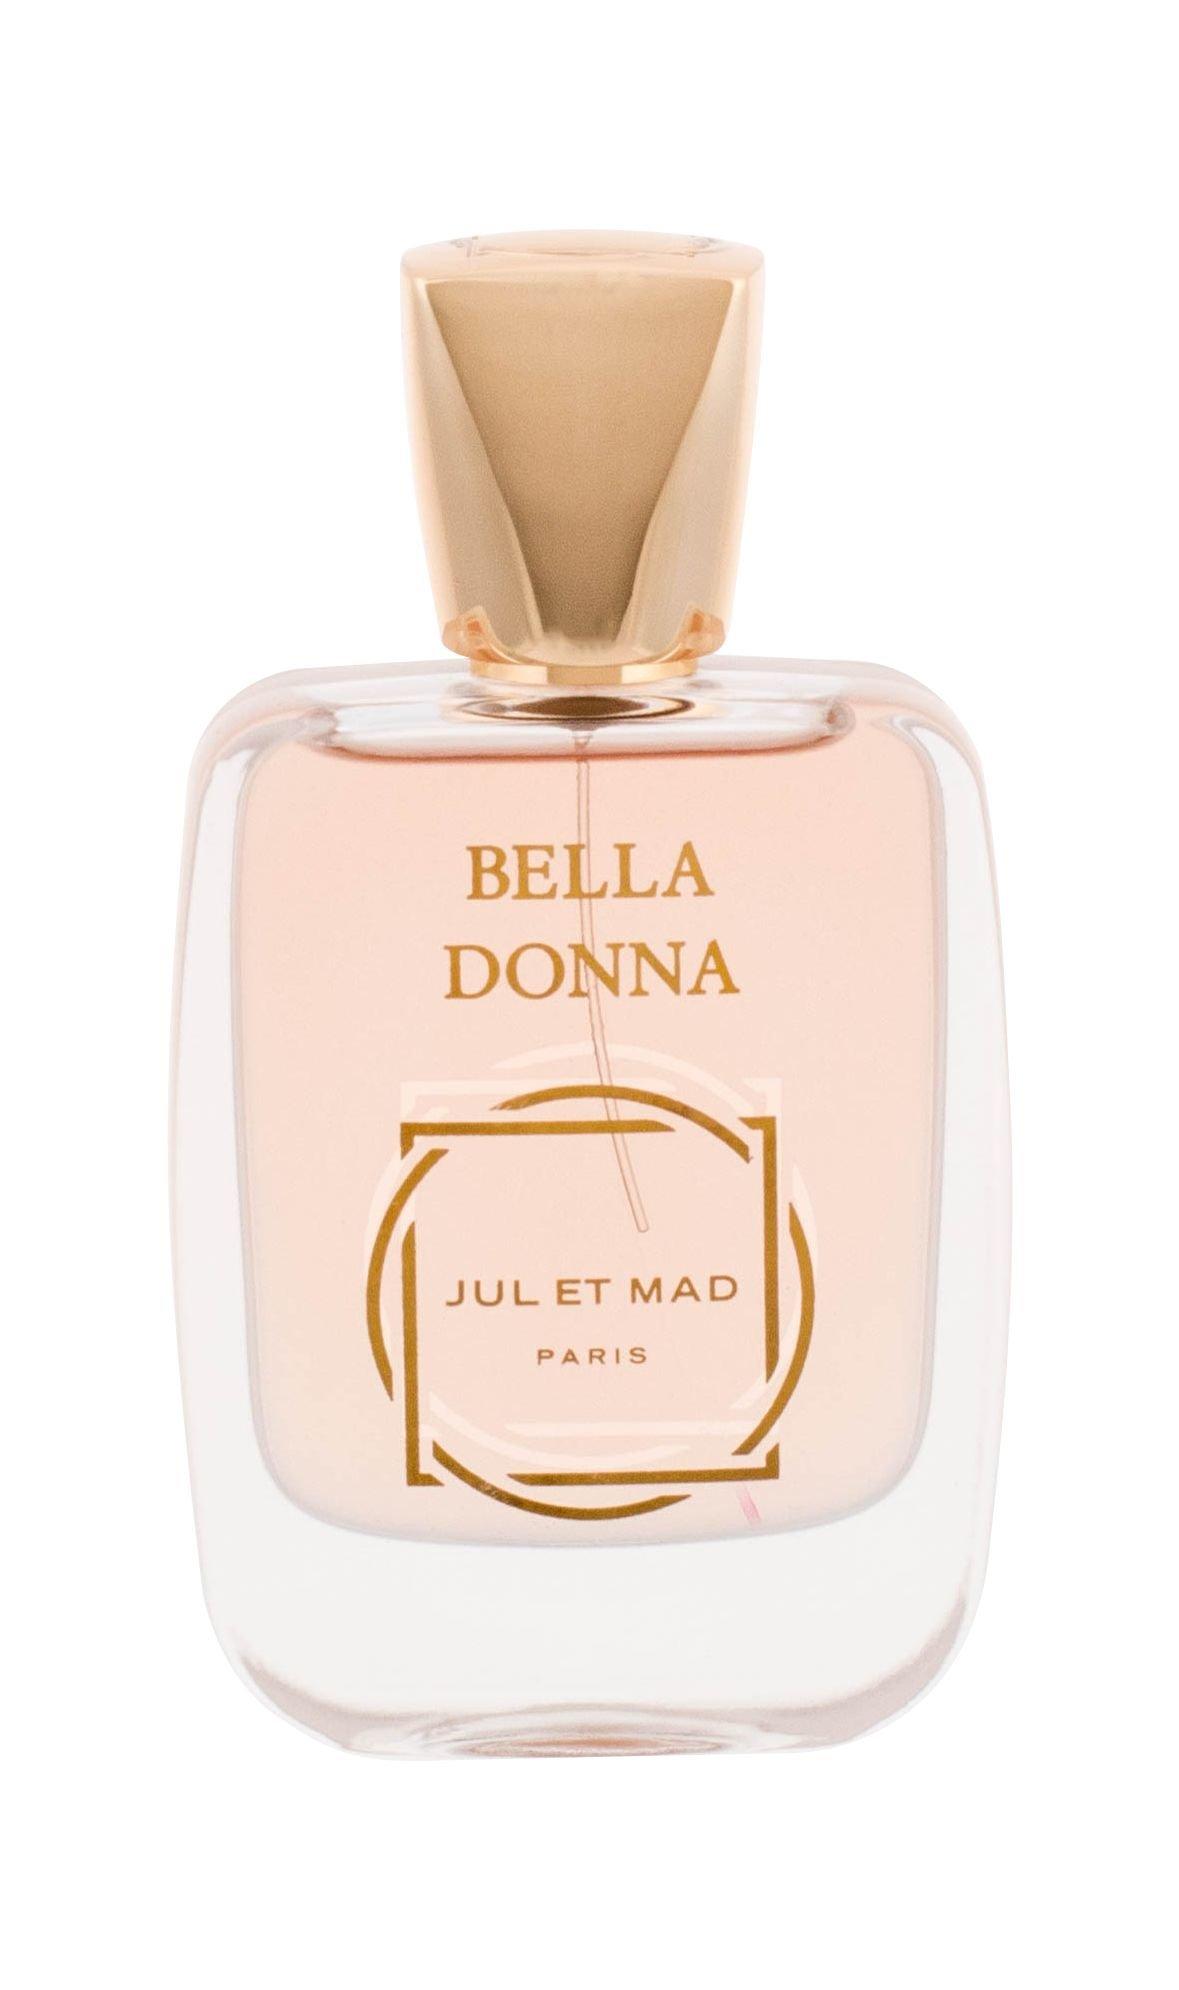 Jul et Mad Paris Bella Donna